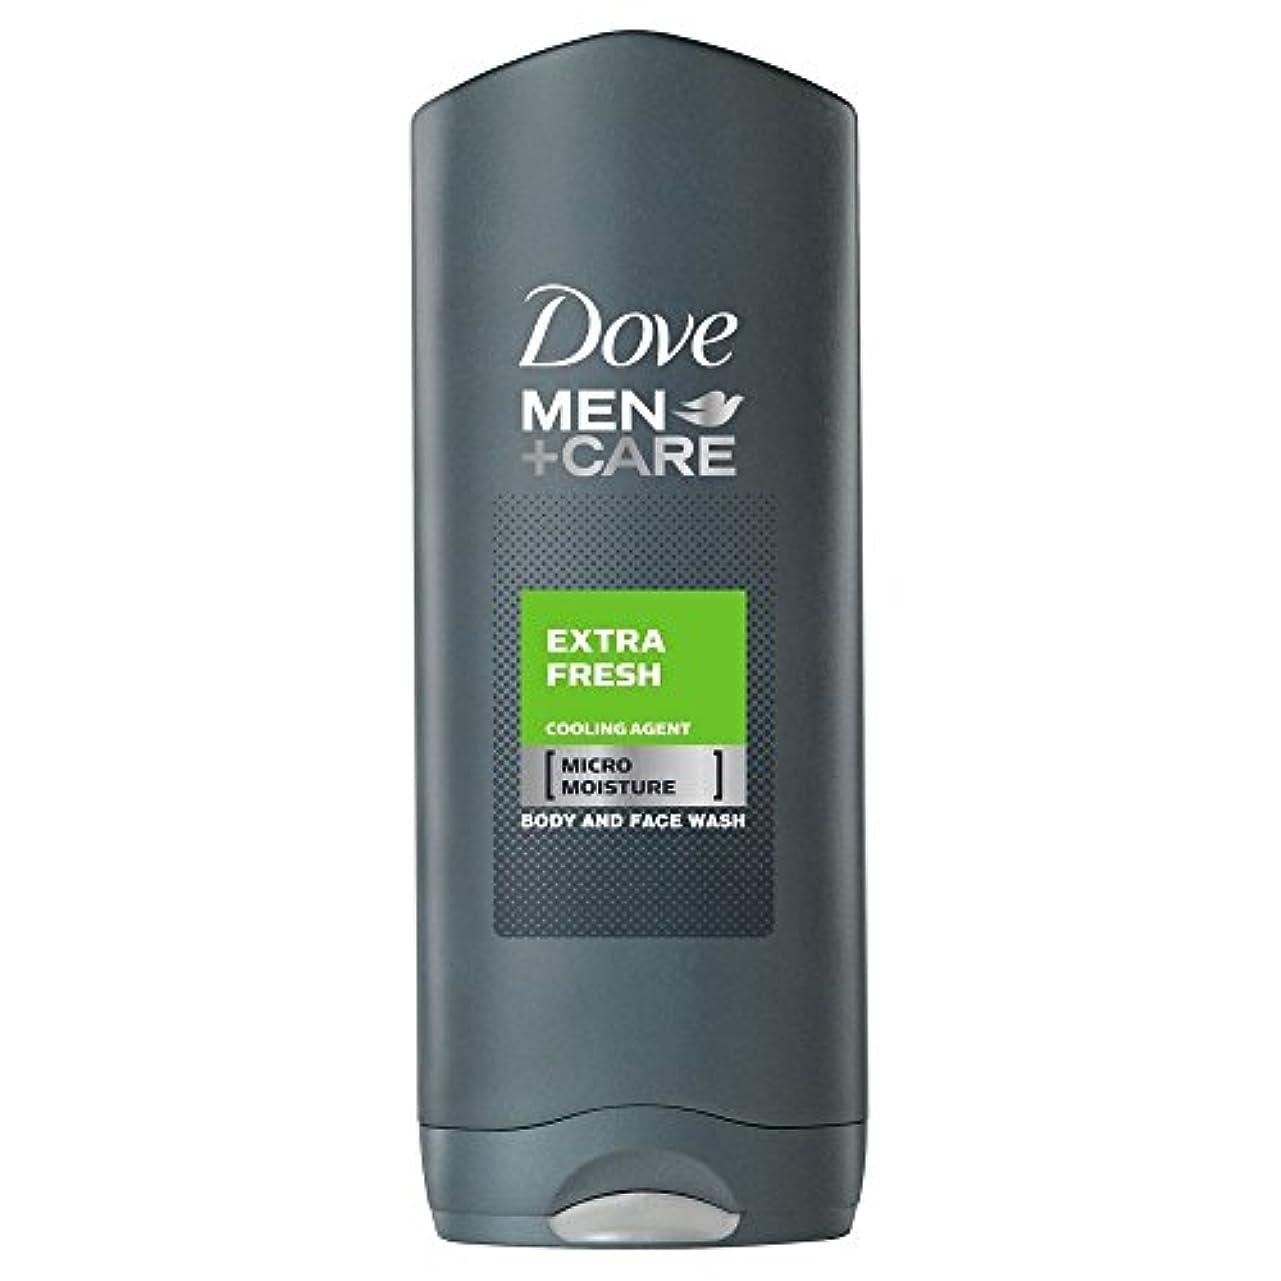 ポンドマリン日付Dove Men + Care Body & Face Wash - Extra Fresh (250ml) 鳩の男性は+ボディと洗顔ケア - 余分な新鮮な( 250ミリリットル)を [並行輸入品]